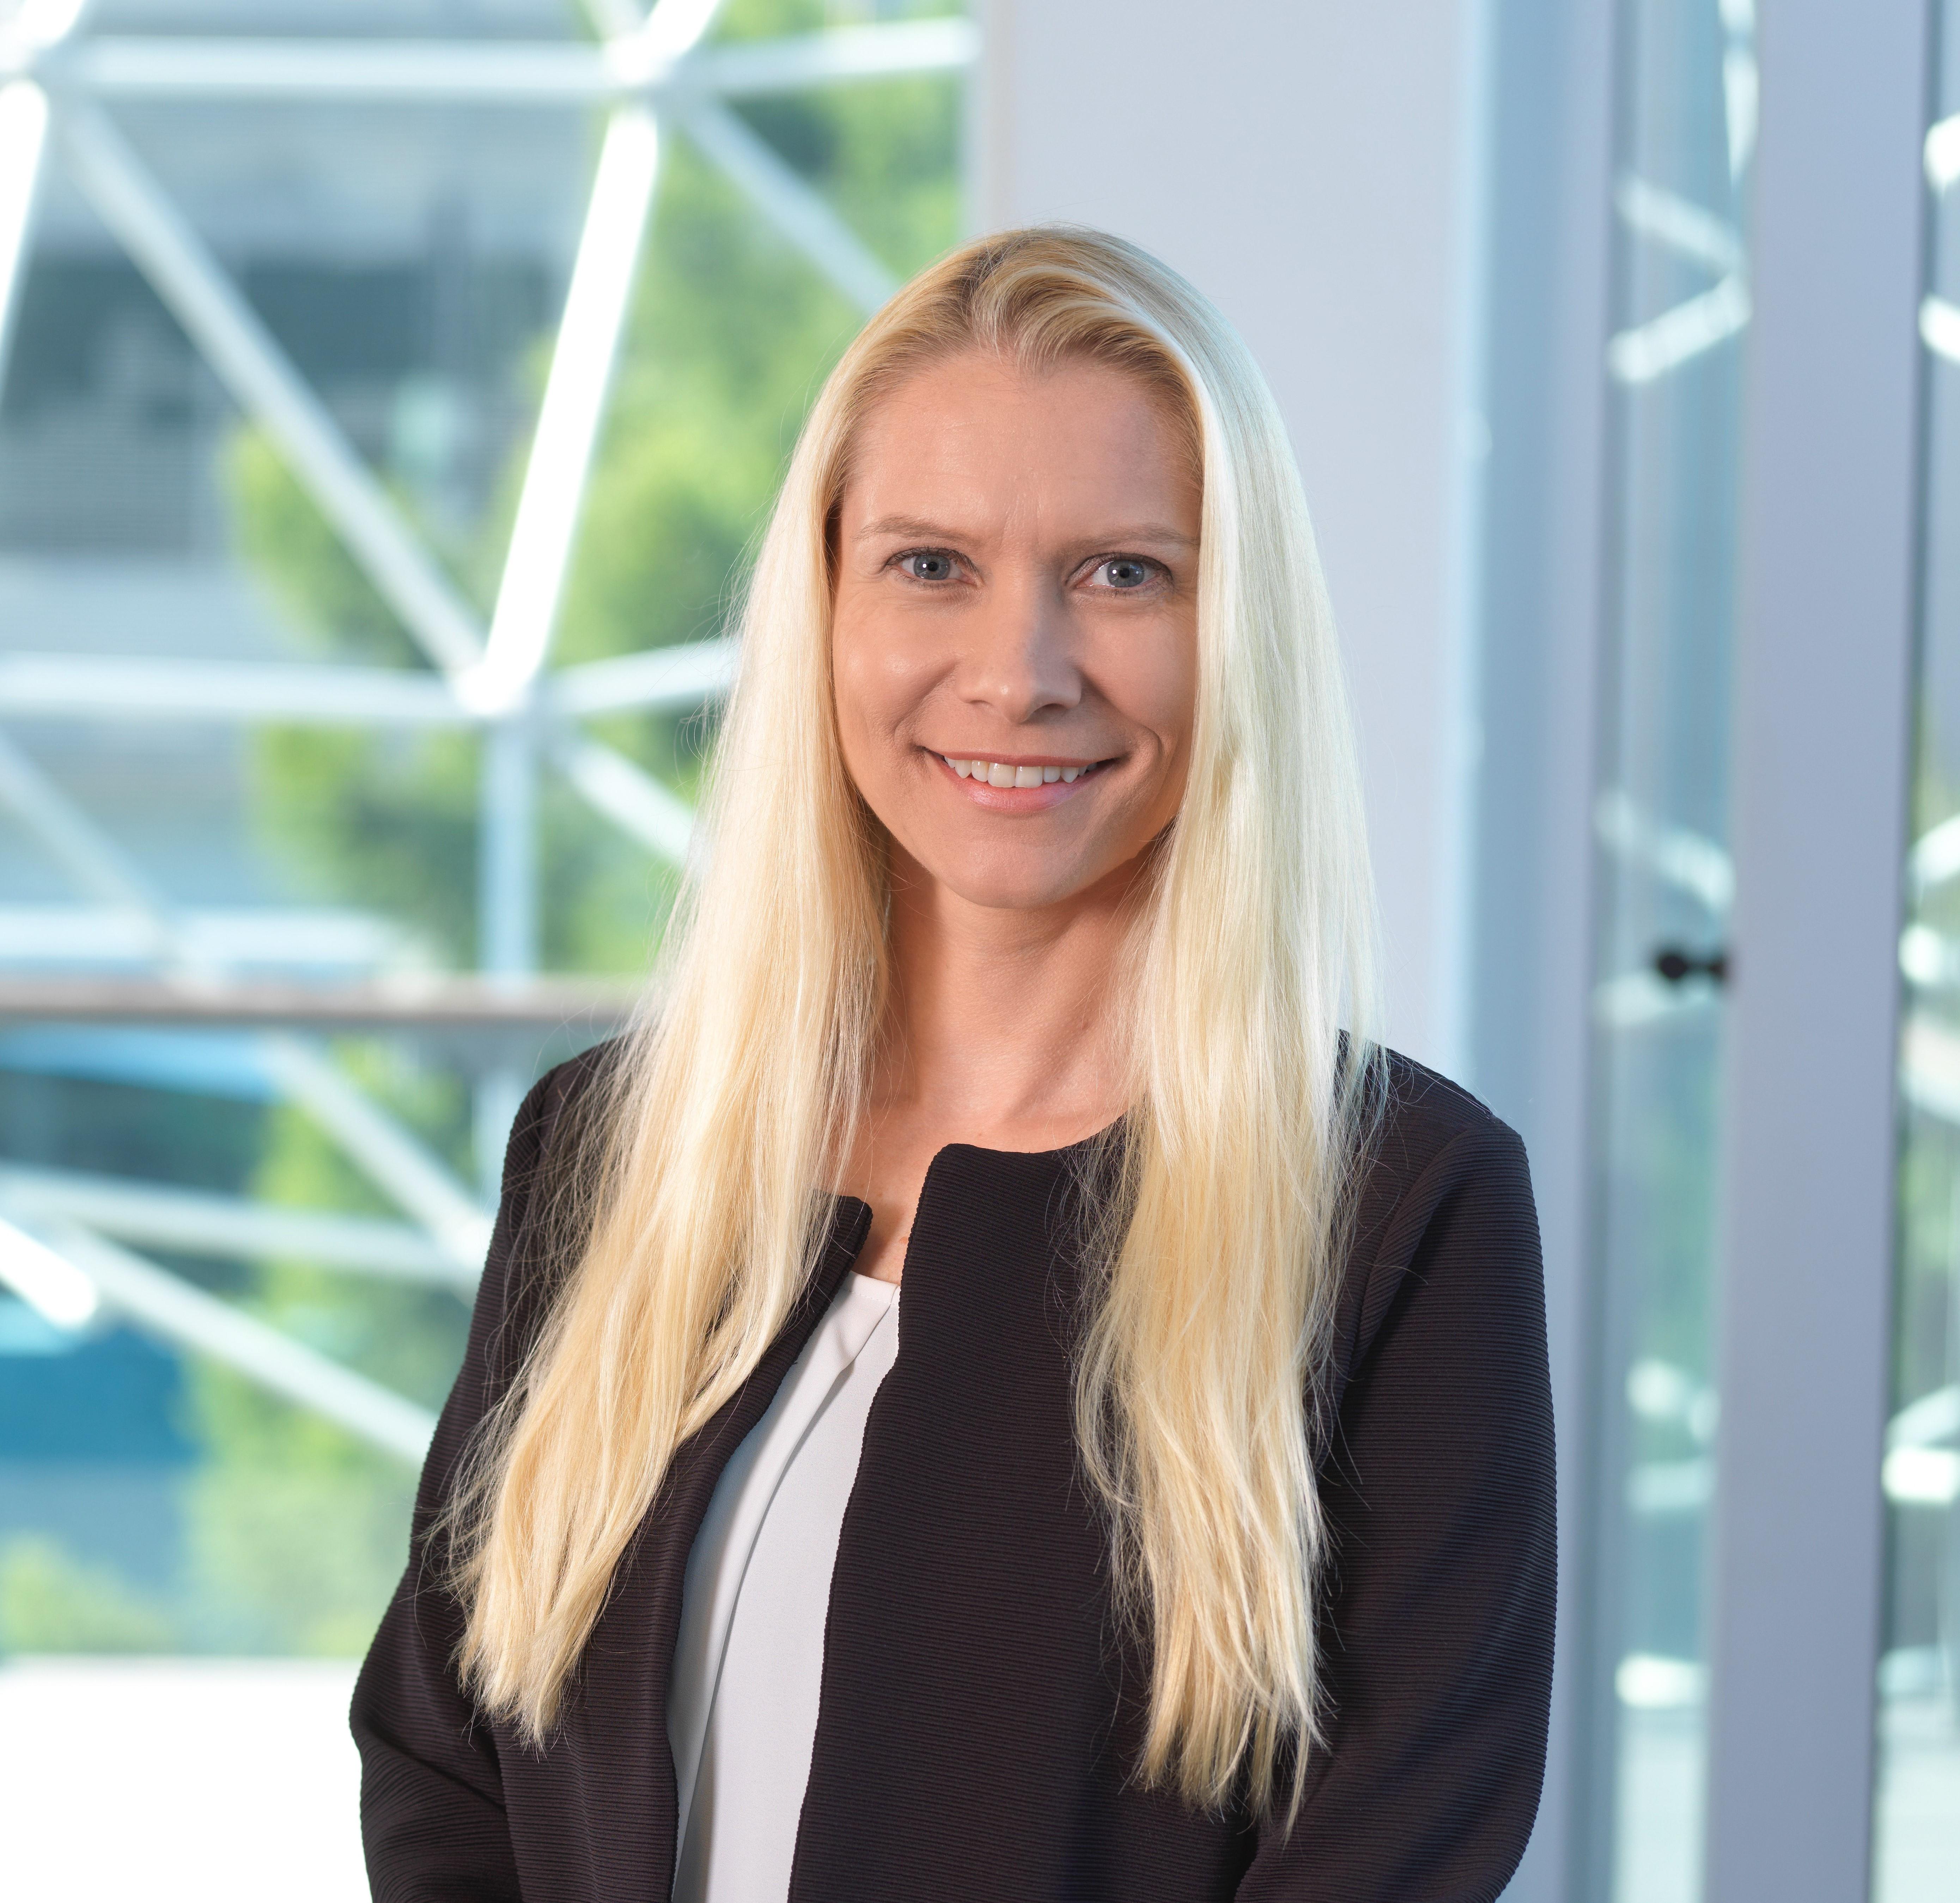 Julie Vermeir